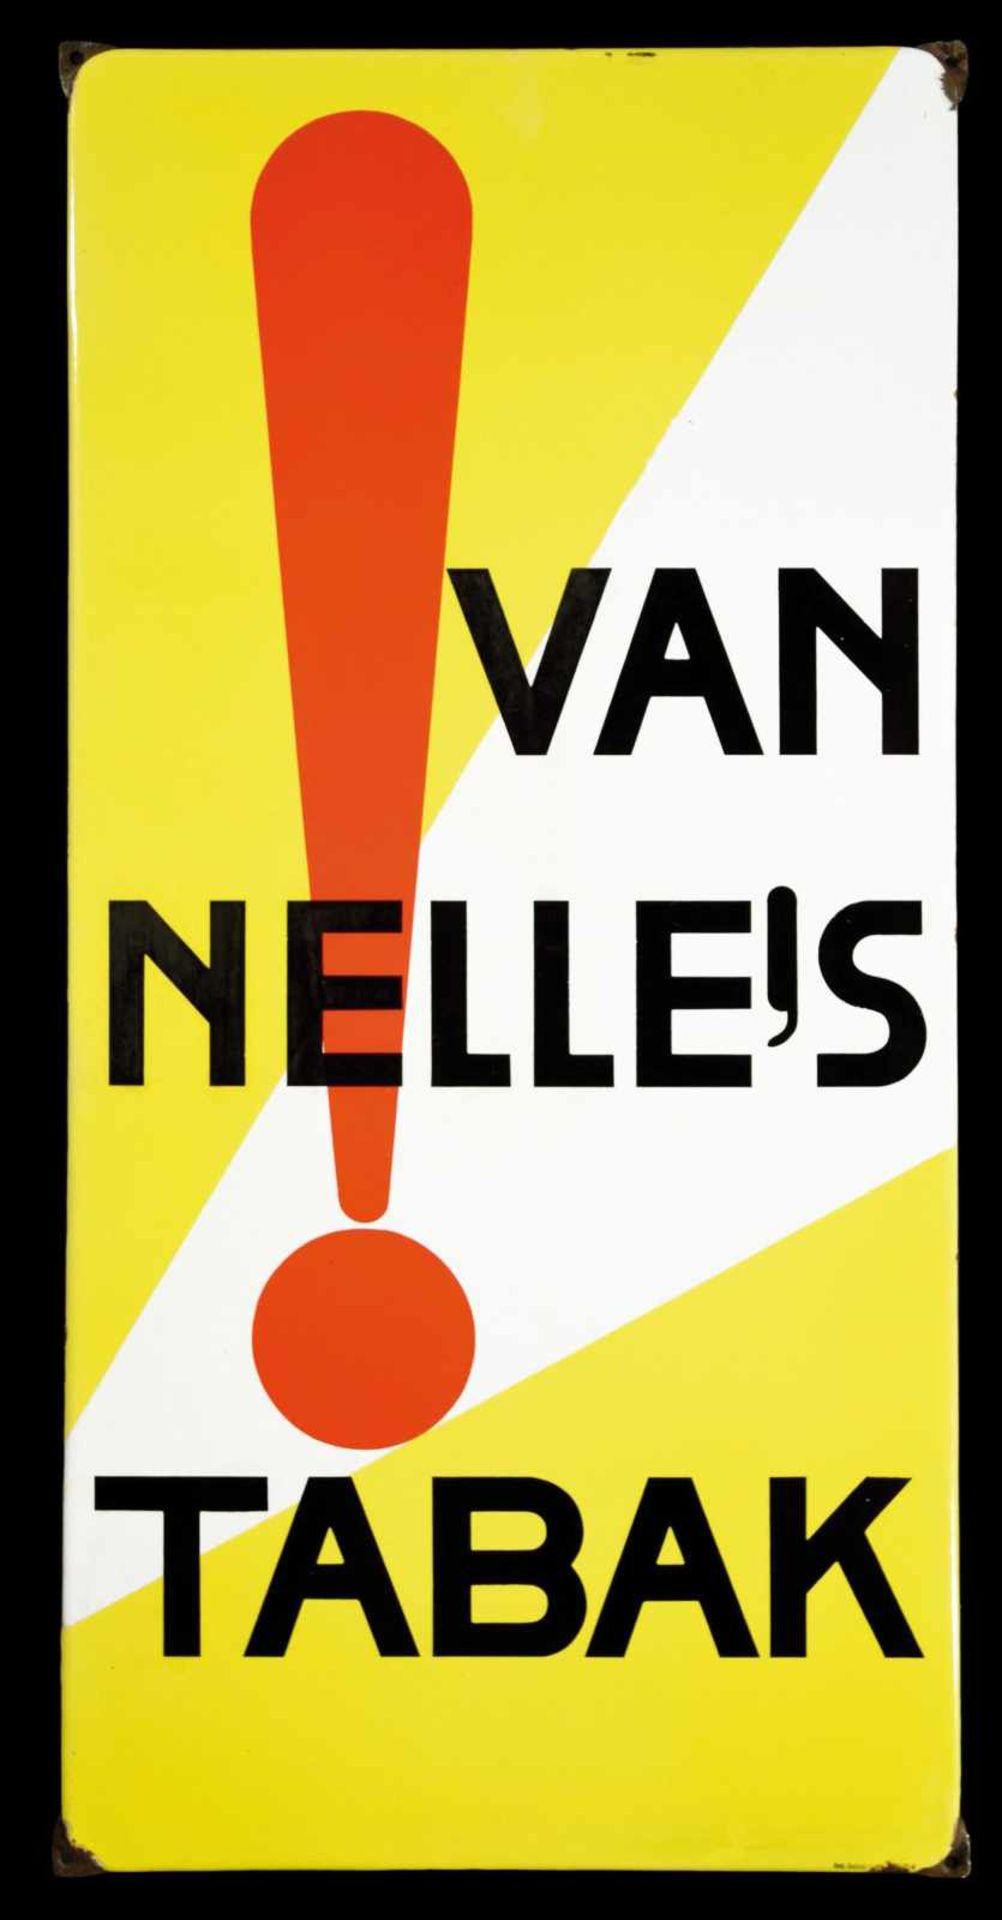 VAN NELLE's TABAK (1) Emailschild, abgekantet, schabloniert, Niederlande um 1933, 48 x 97 cm,